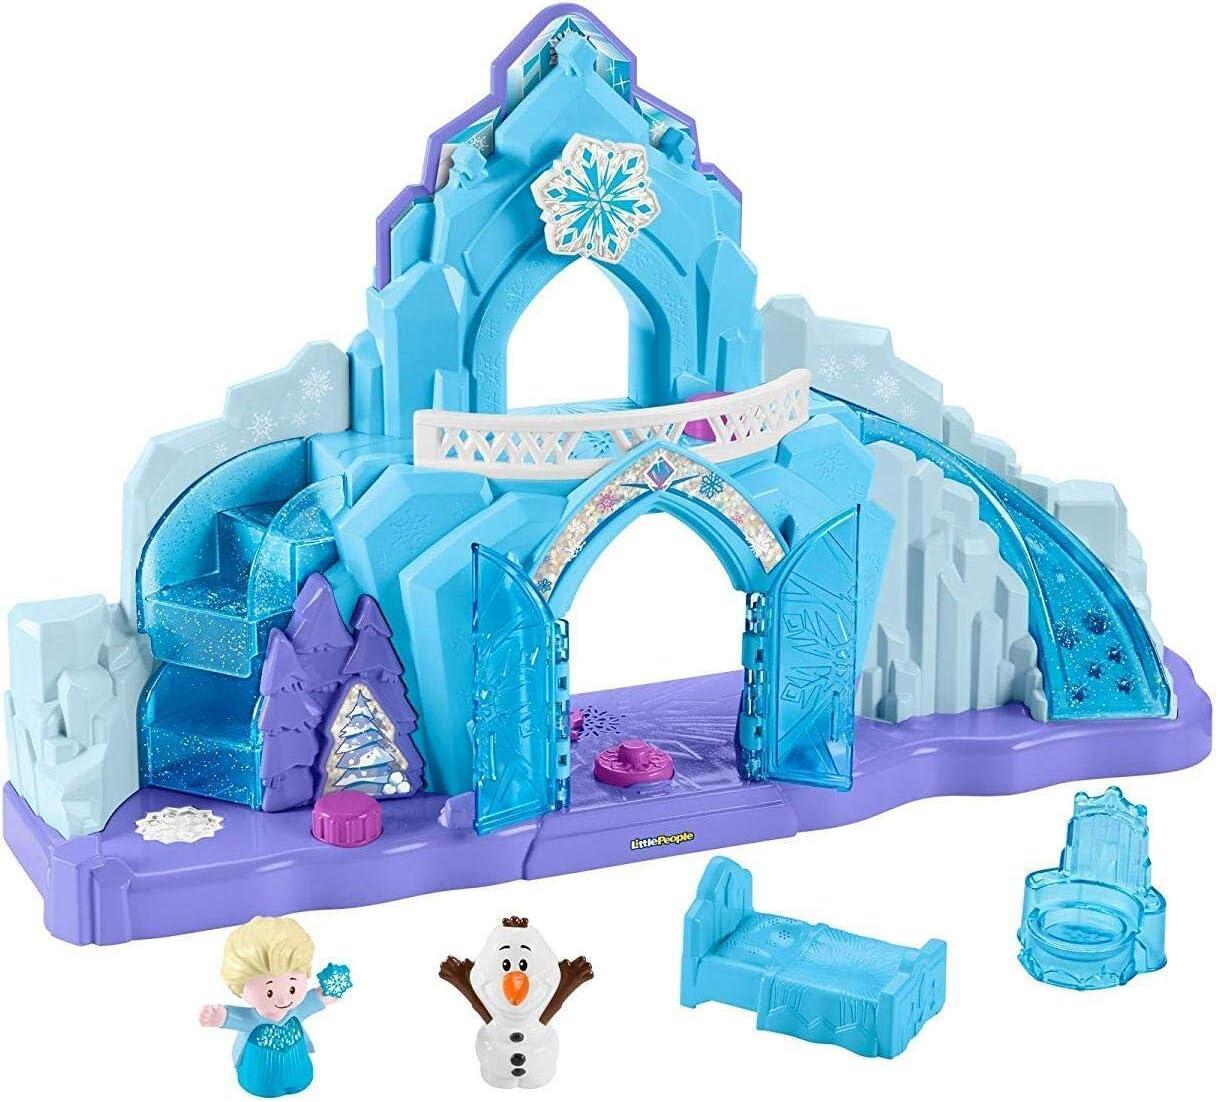 Disney Frozen Elsa's Ice Palace by Little People, Standard Packaging